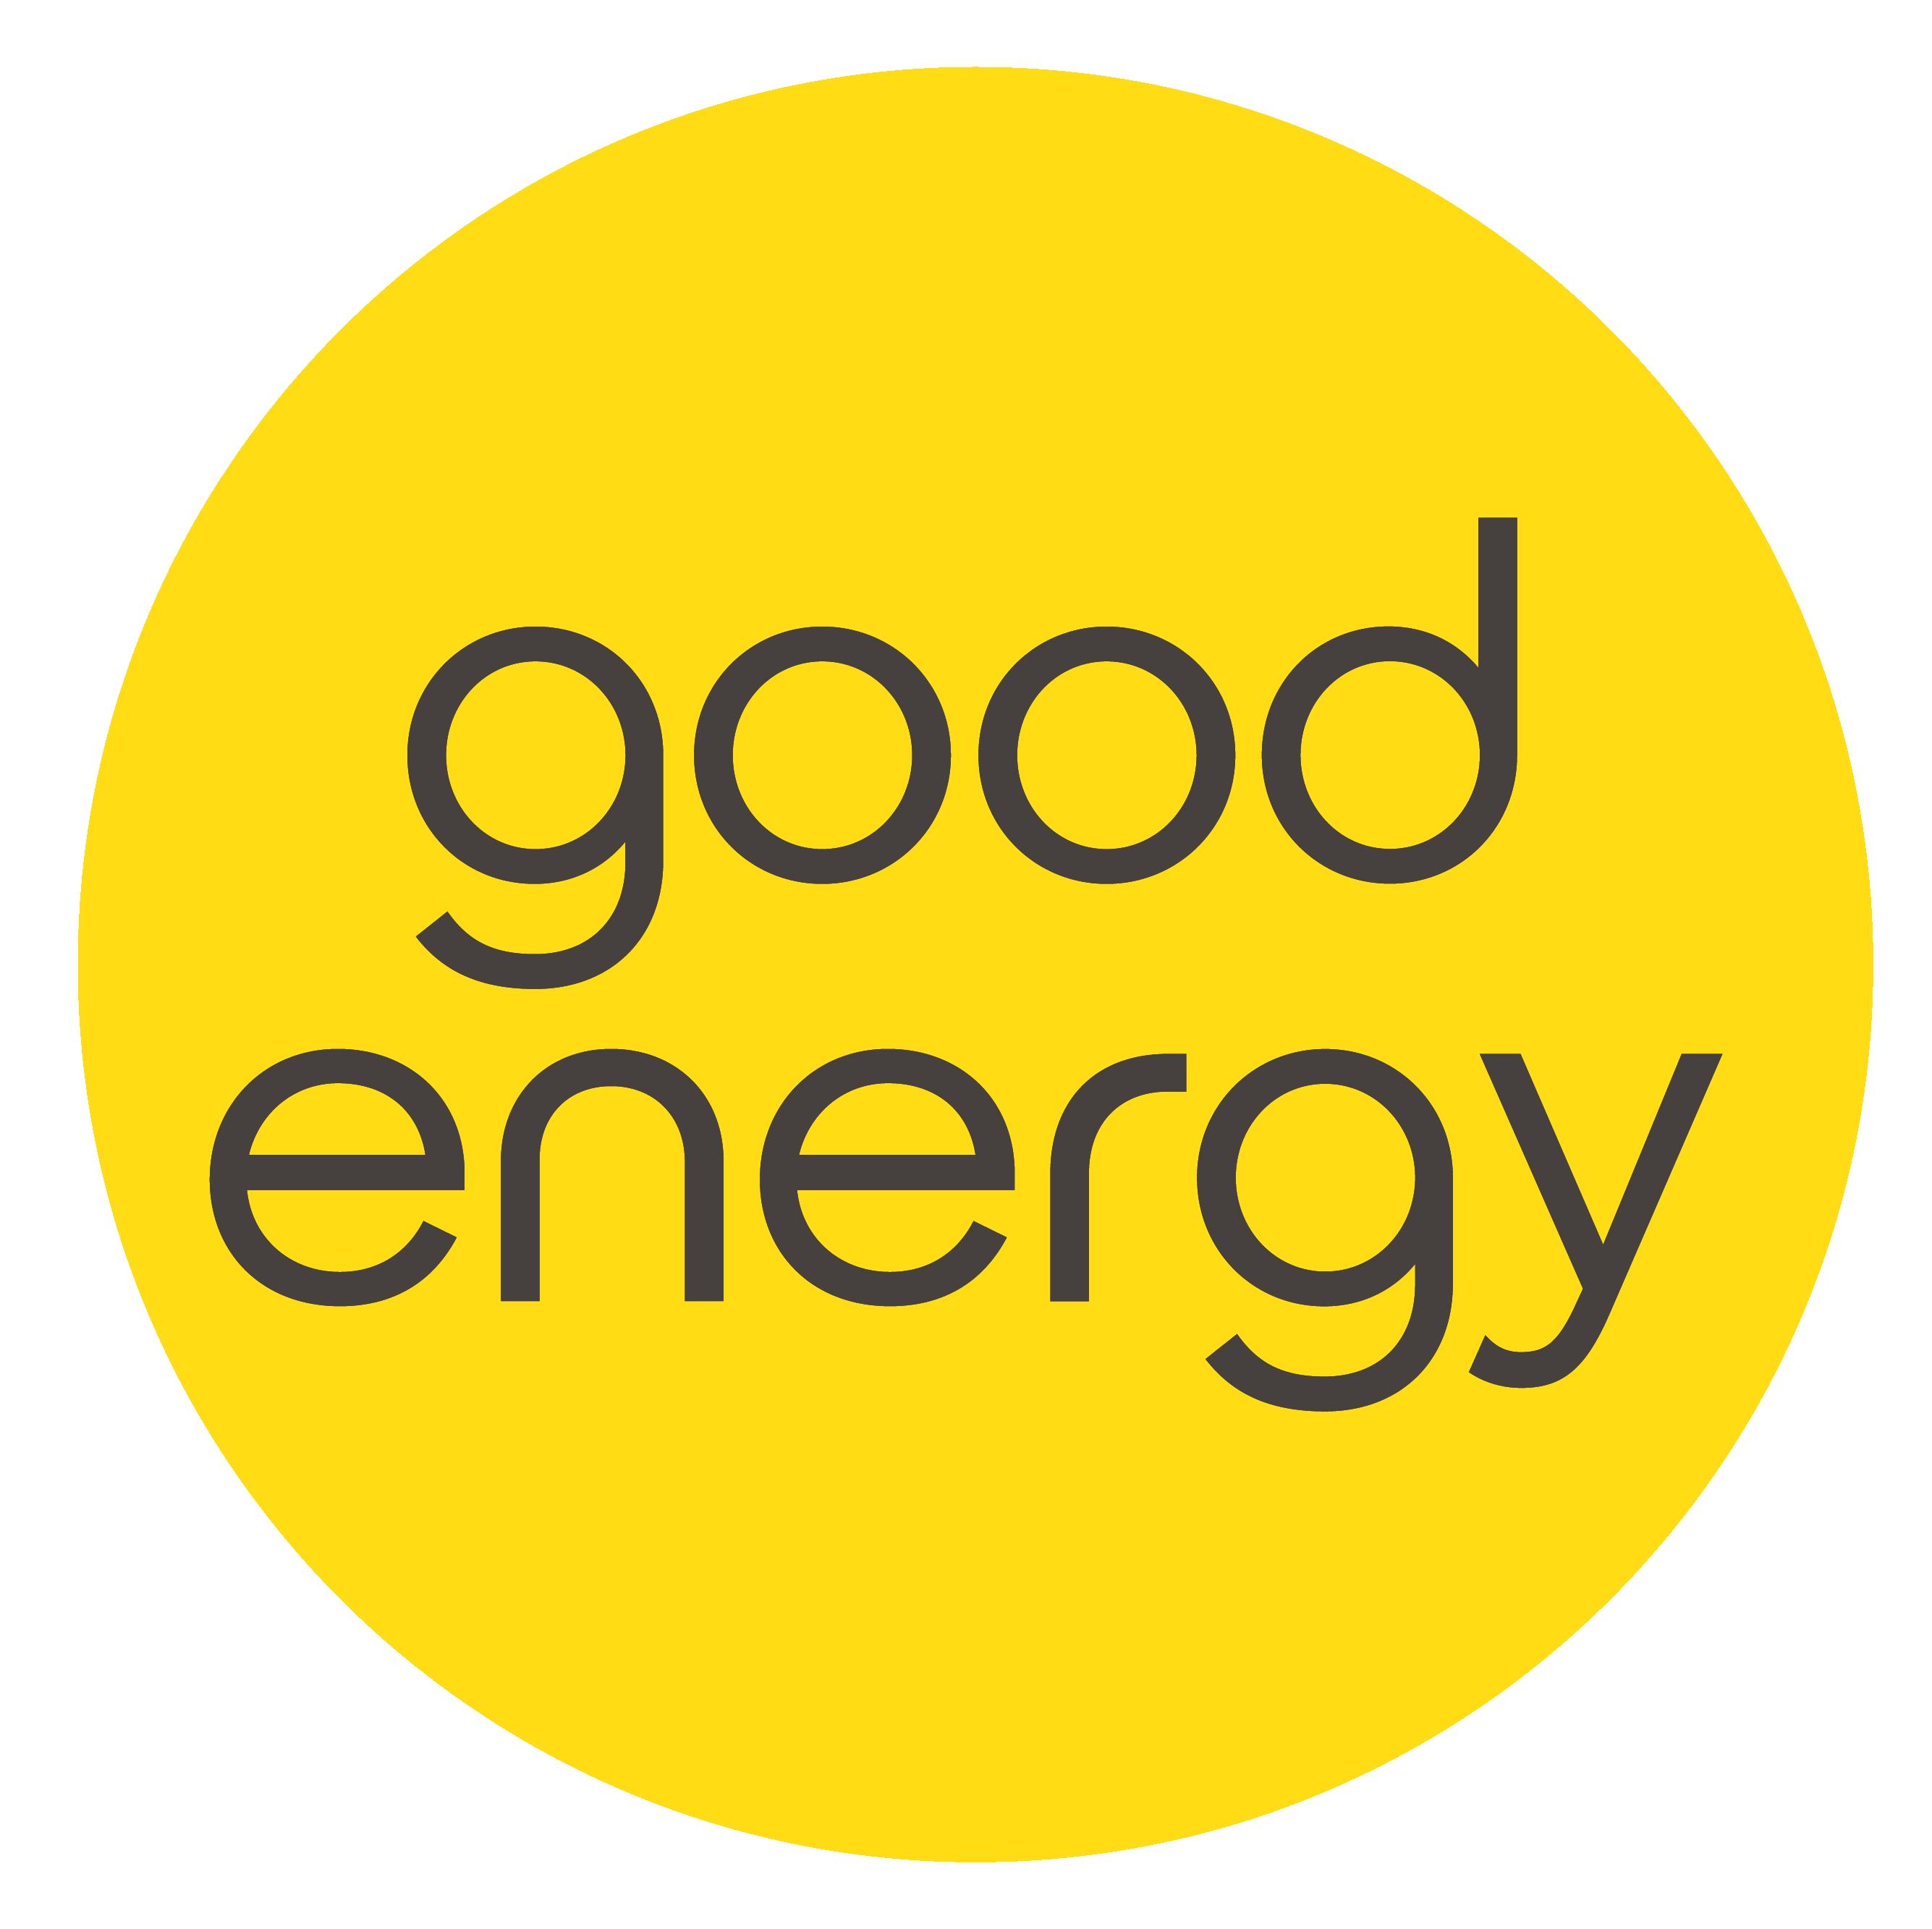 Good Energy - image